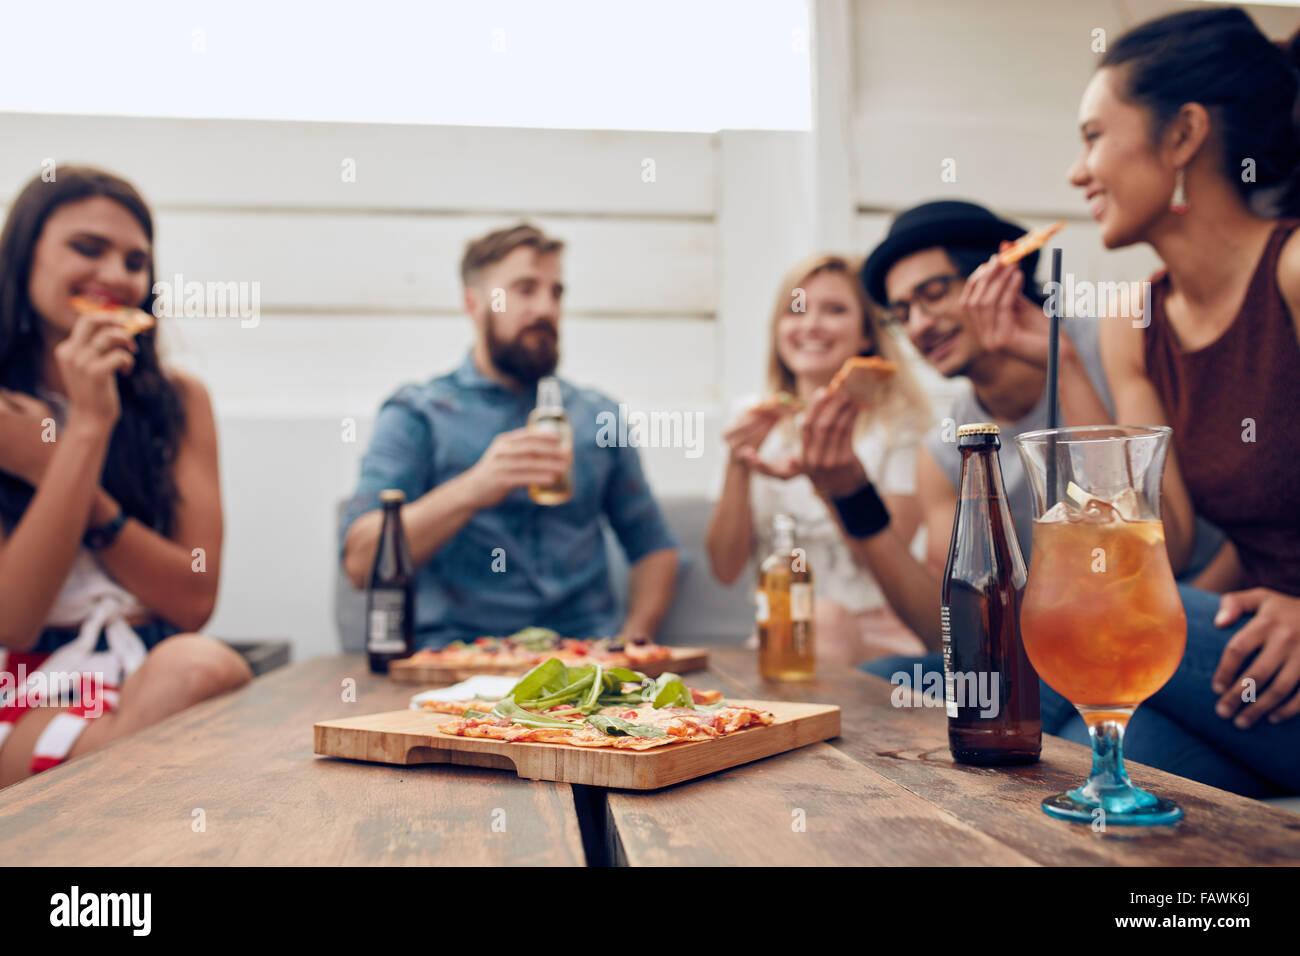 Gruppo di multi-etnico amici gustando la pizza e birra in parte. I giovani avente una parte. Focus su pizza e cocktail Immagini Stock